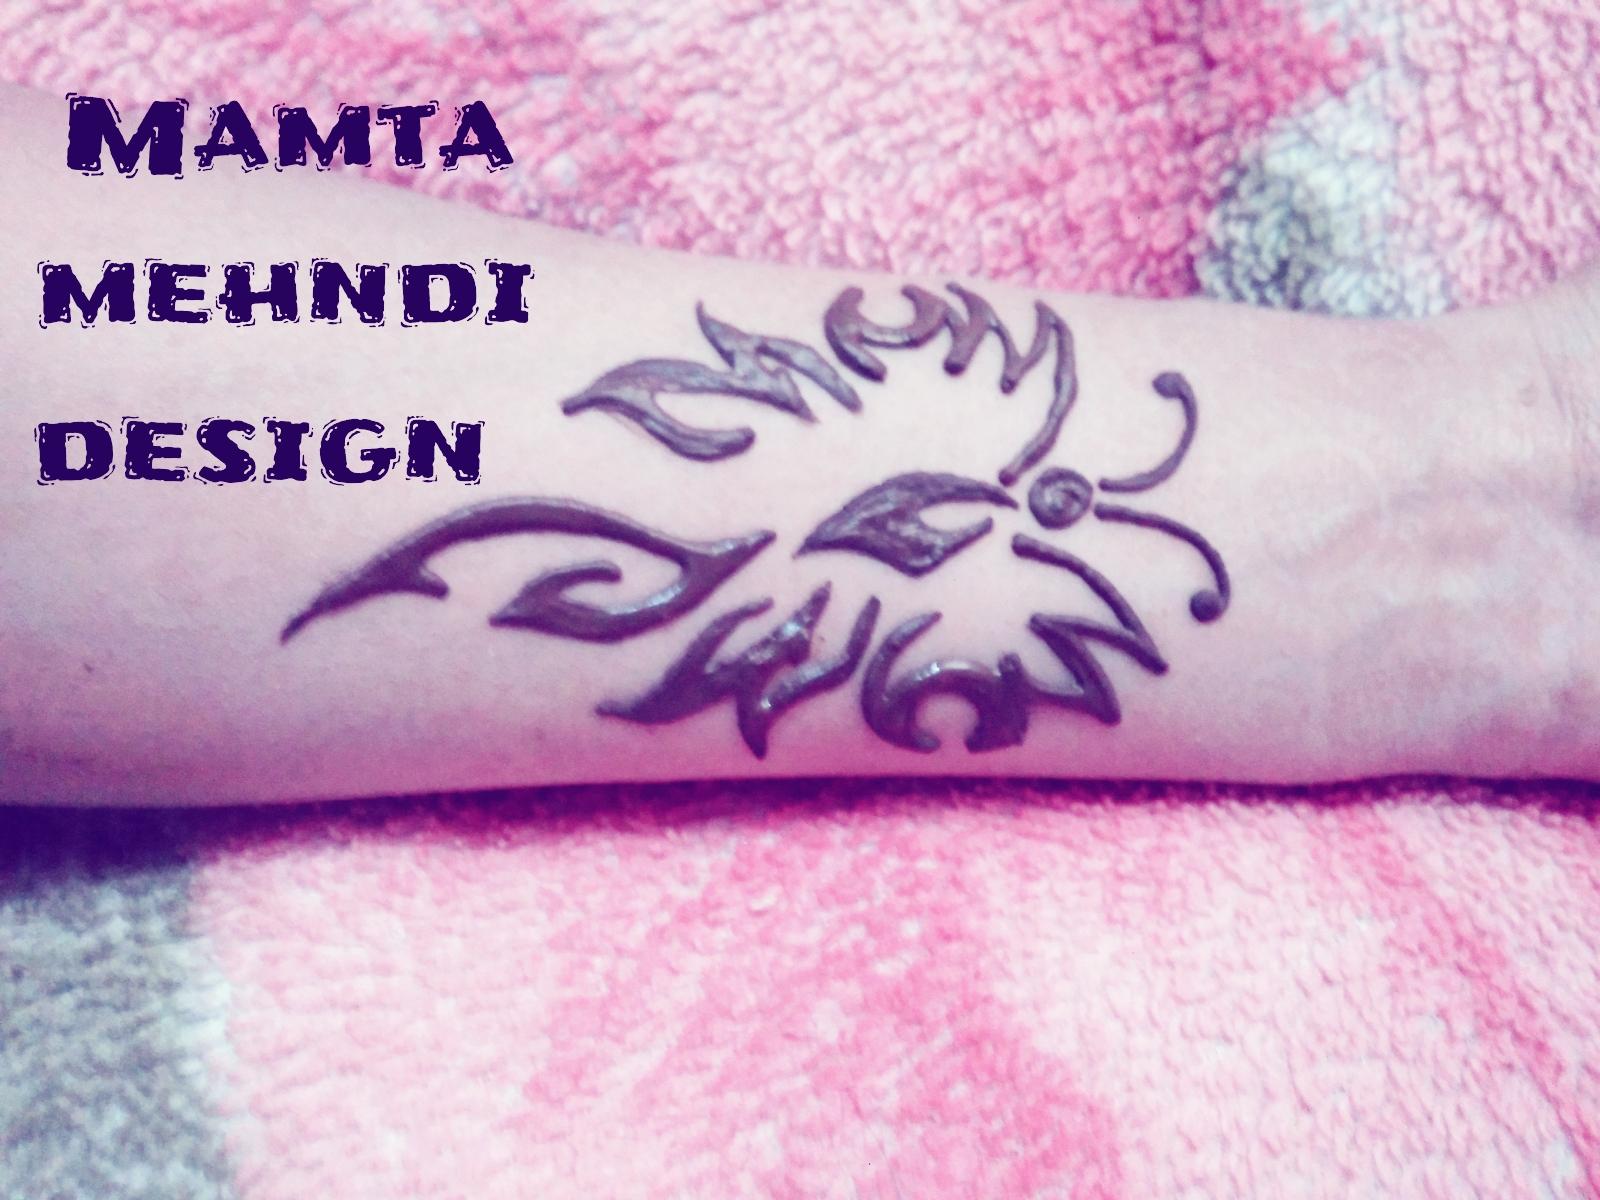 Mamta Mehndi Design Fire Butterfly Tattoo Design